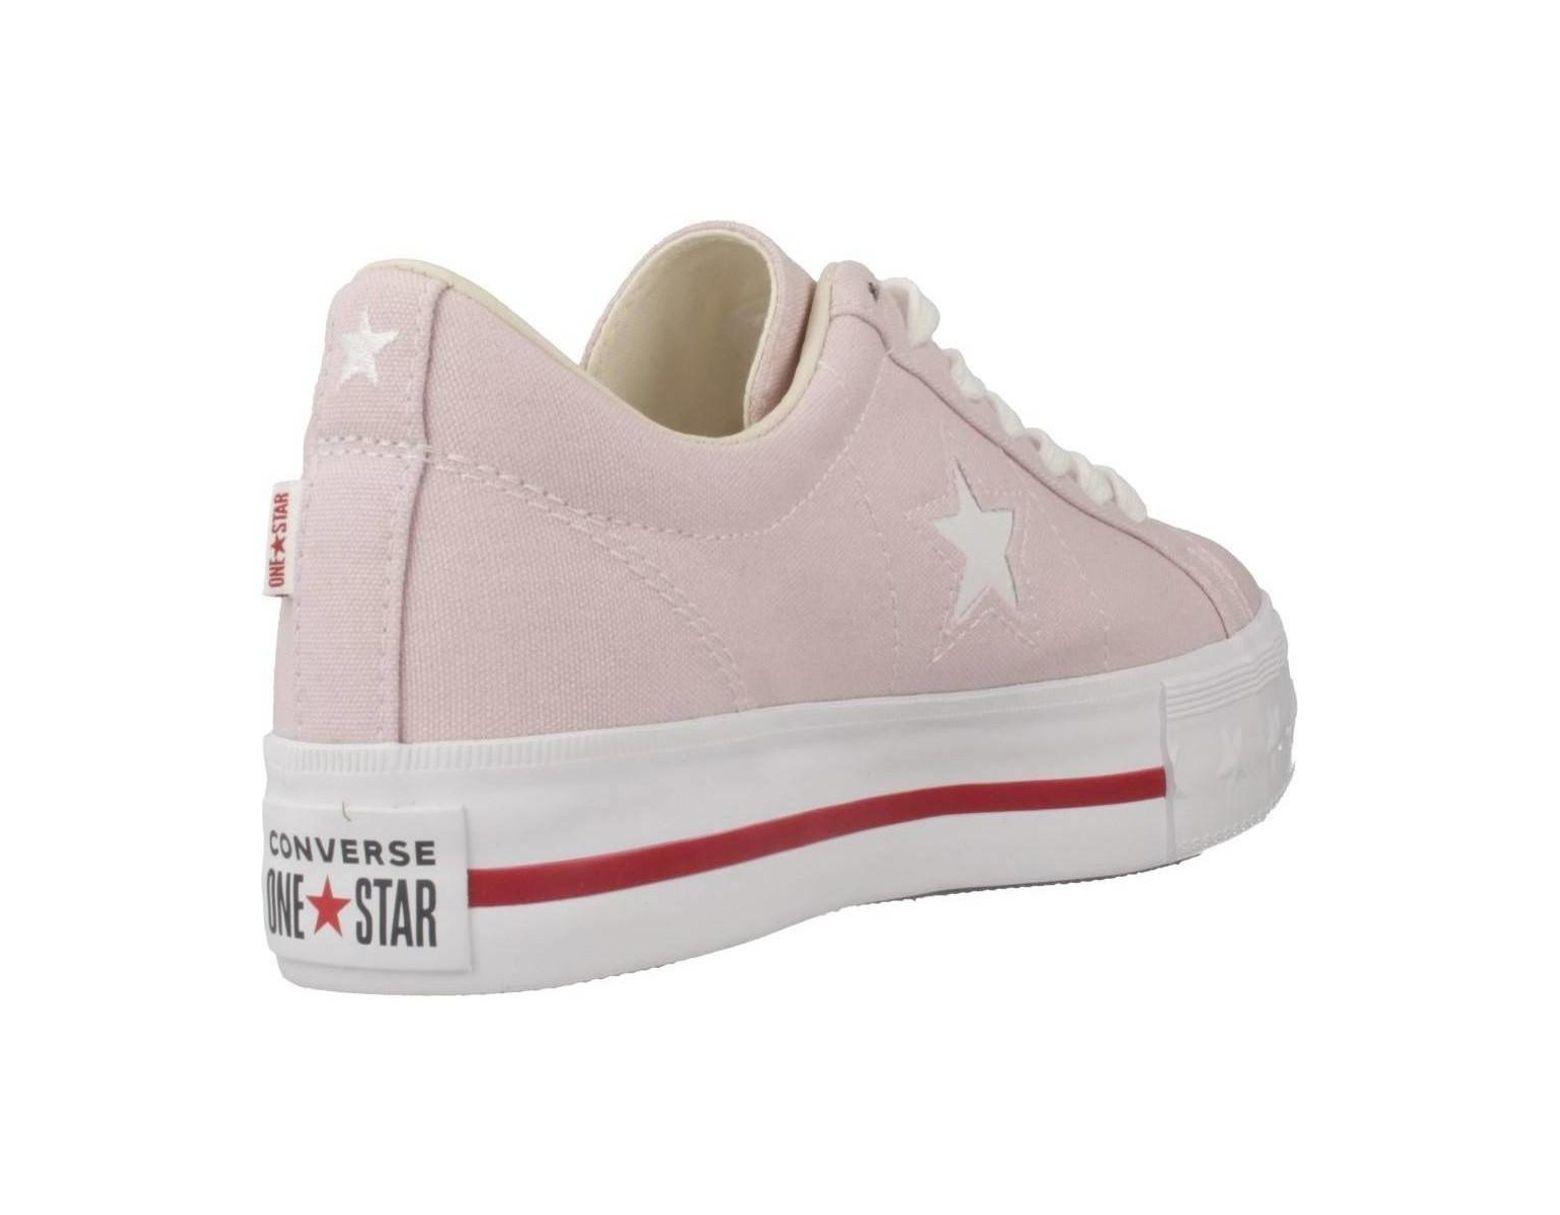 Platform Rose One Ox Coloris Converse Femmes Chaussures Star En Kc3lFJT1